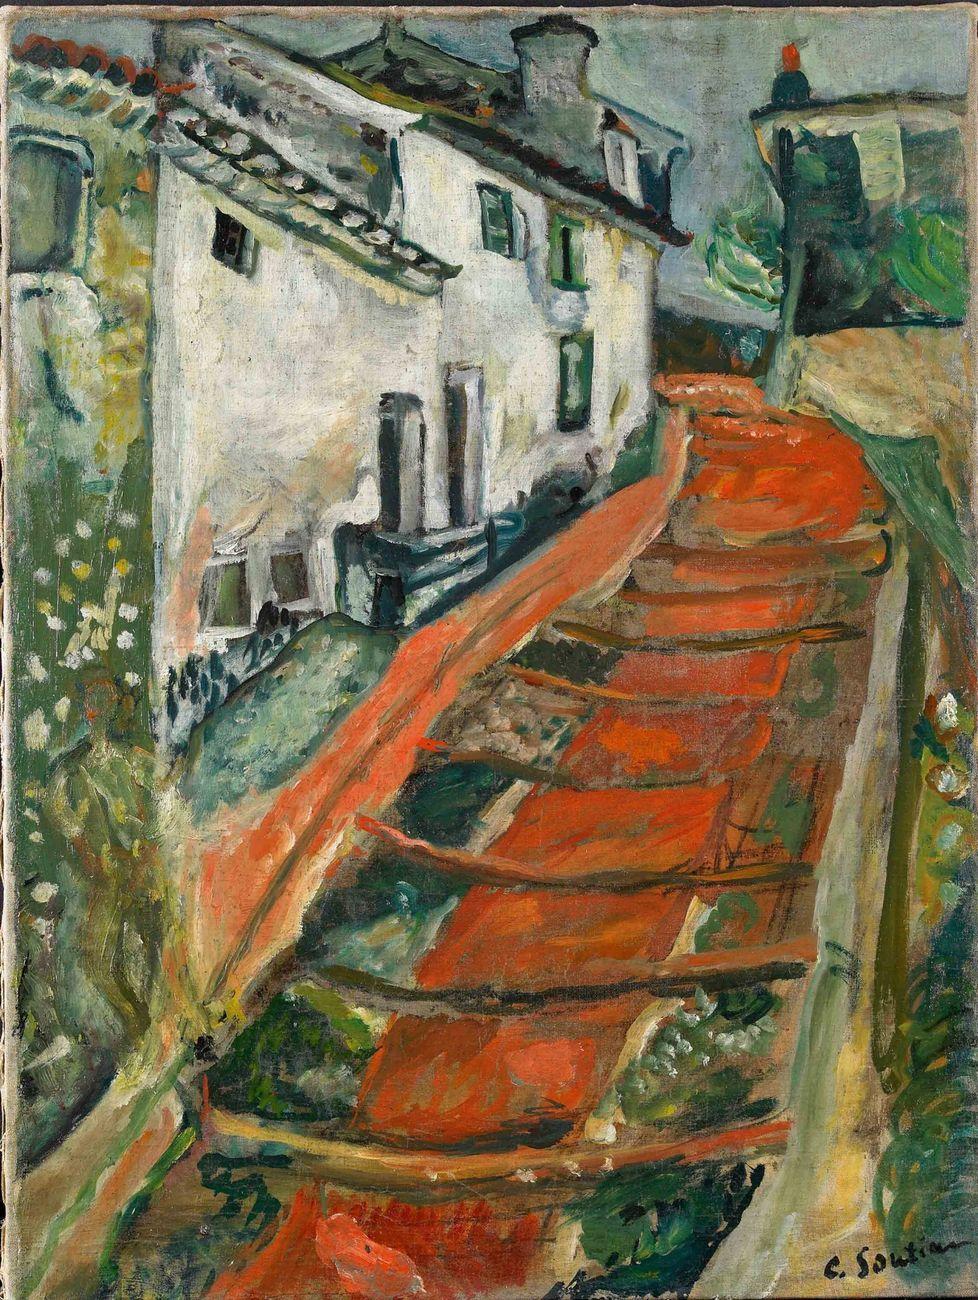 Chaïm Soutine, L'Escalier rouge à Cagnes, 1918 ca., olio su tela, 61,6 x 46,5 cm. Collezione Jonas Netter